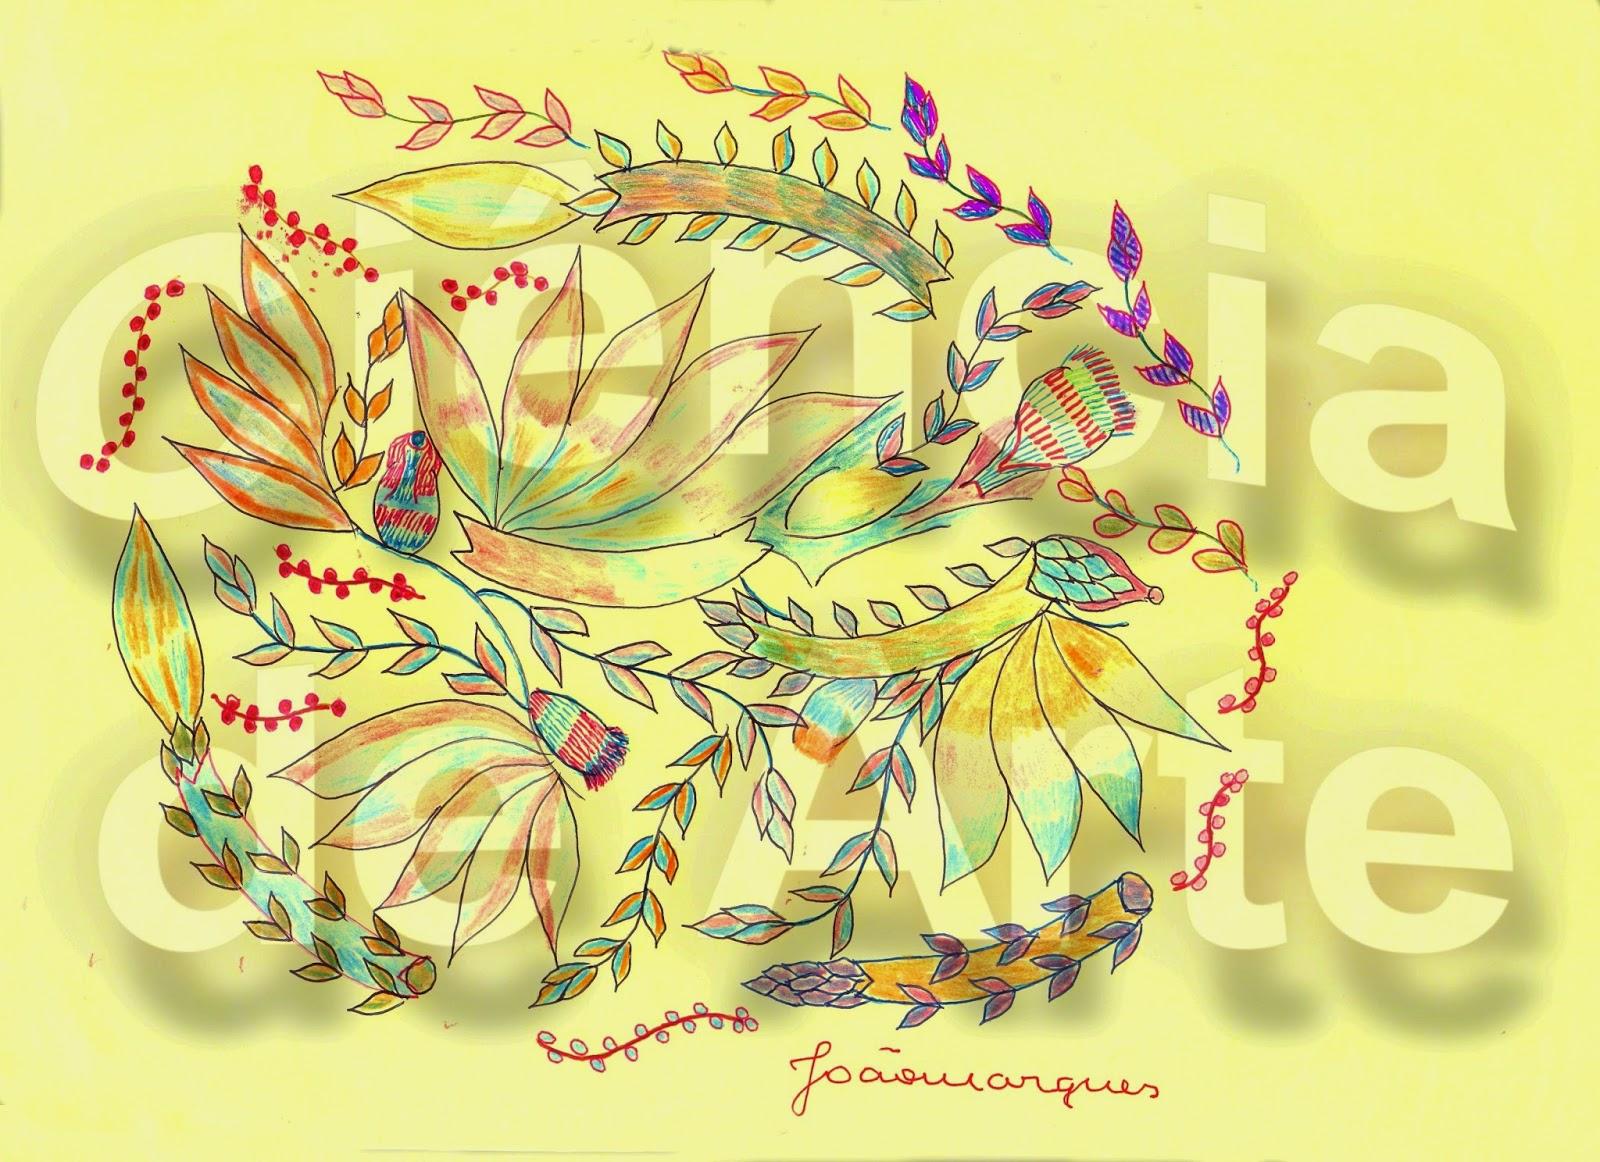 desenhos de ramos de flores 4